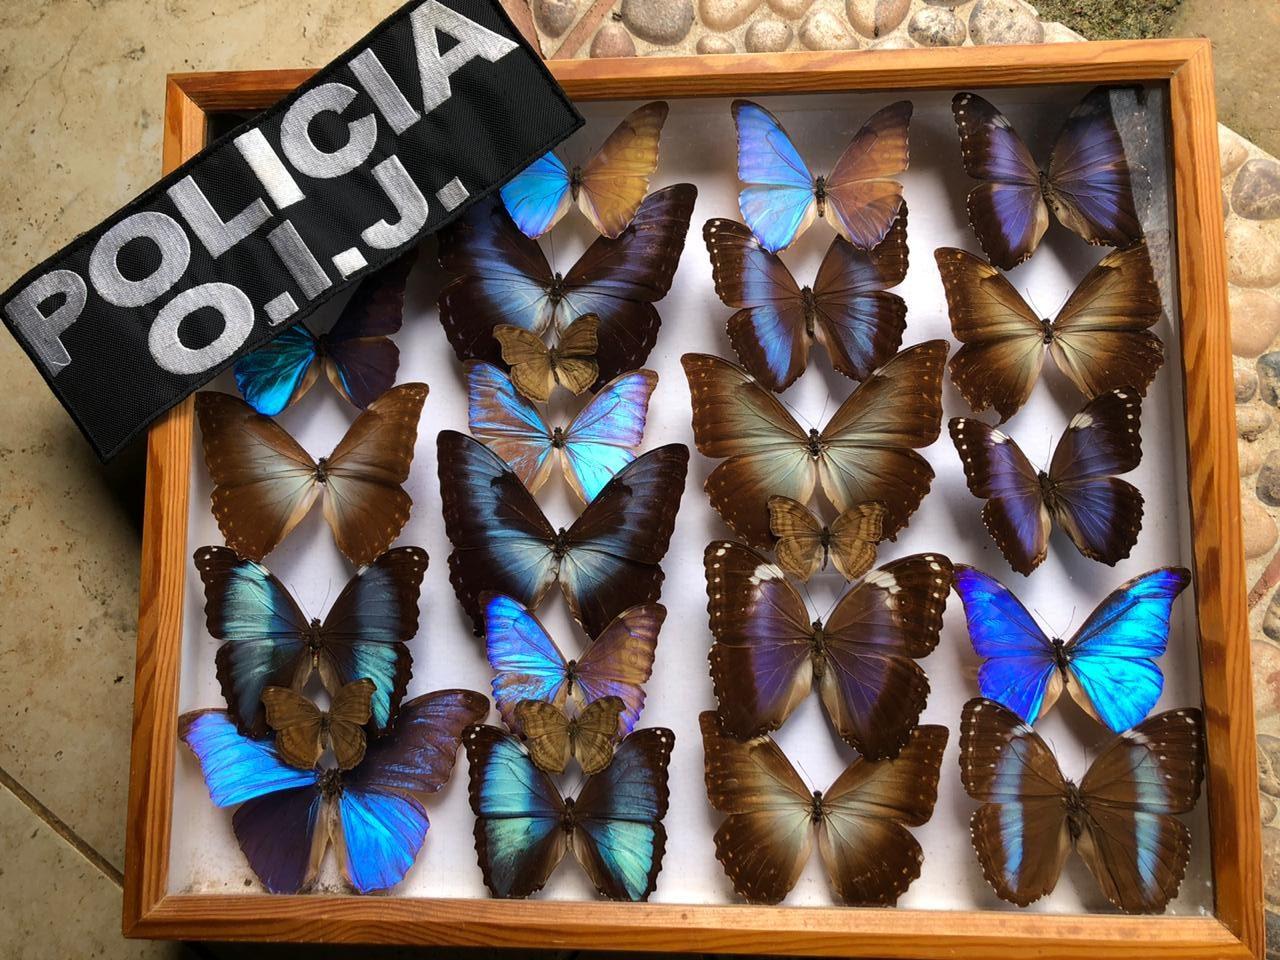 (Español) Operación contra el tráfico de fauna silvestre entre Costa Rica y Europa